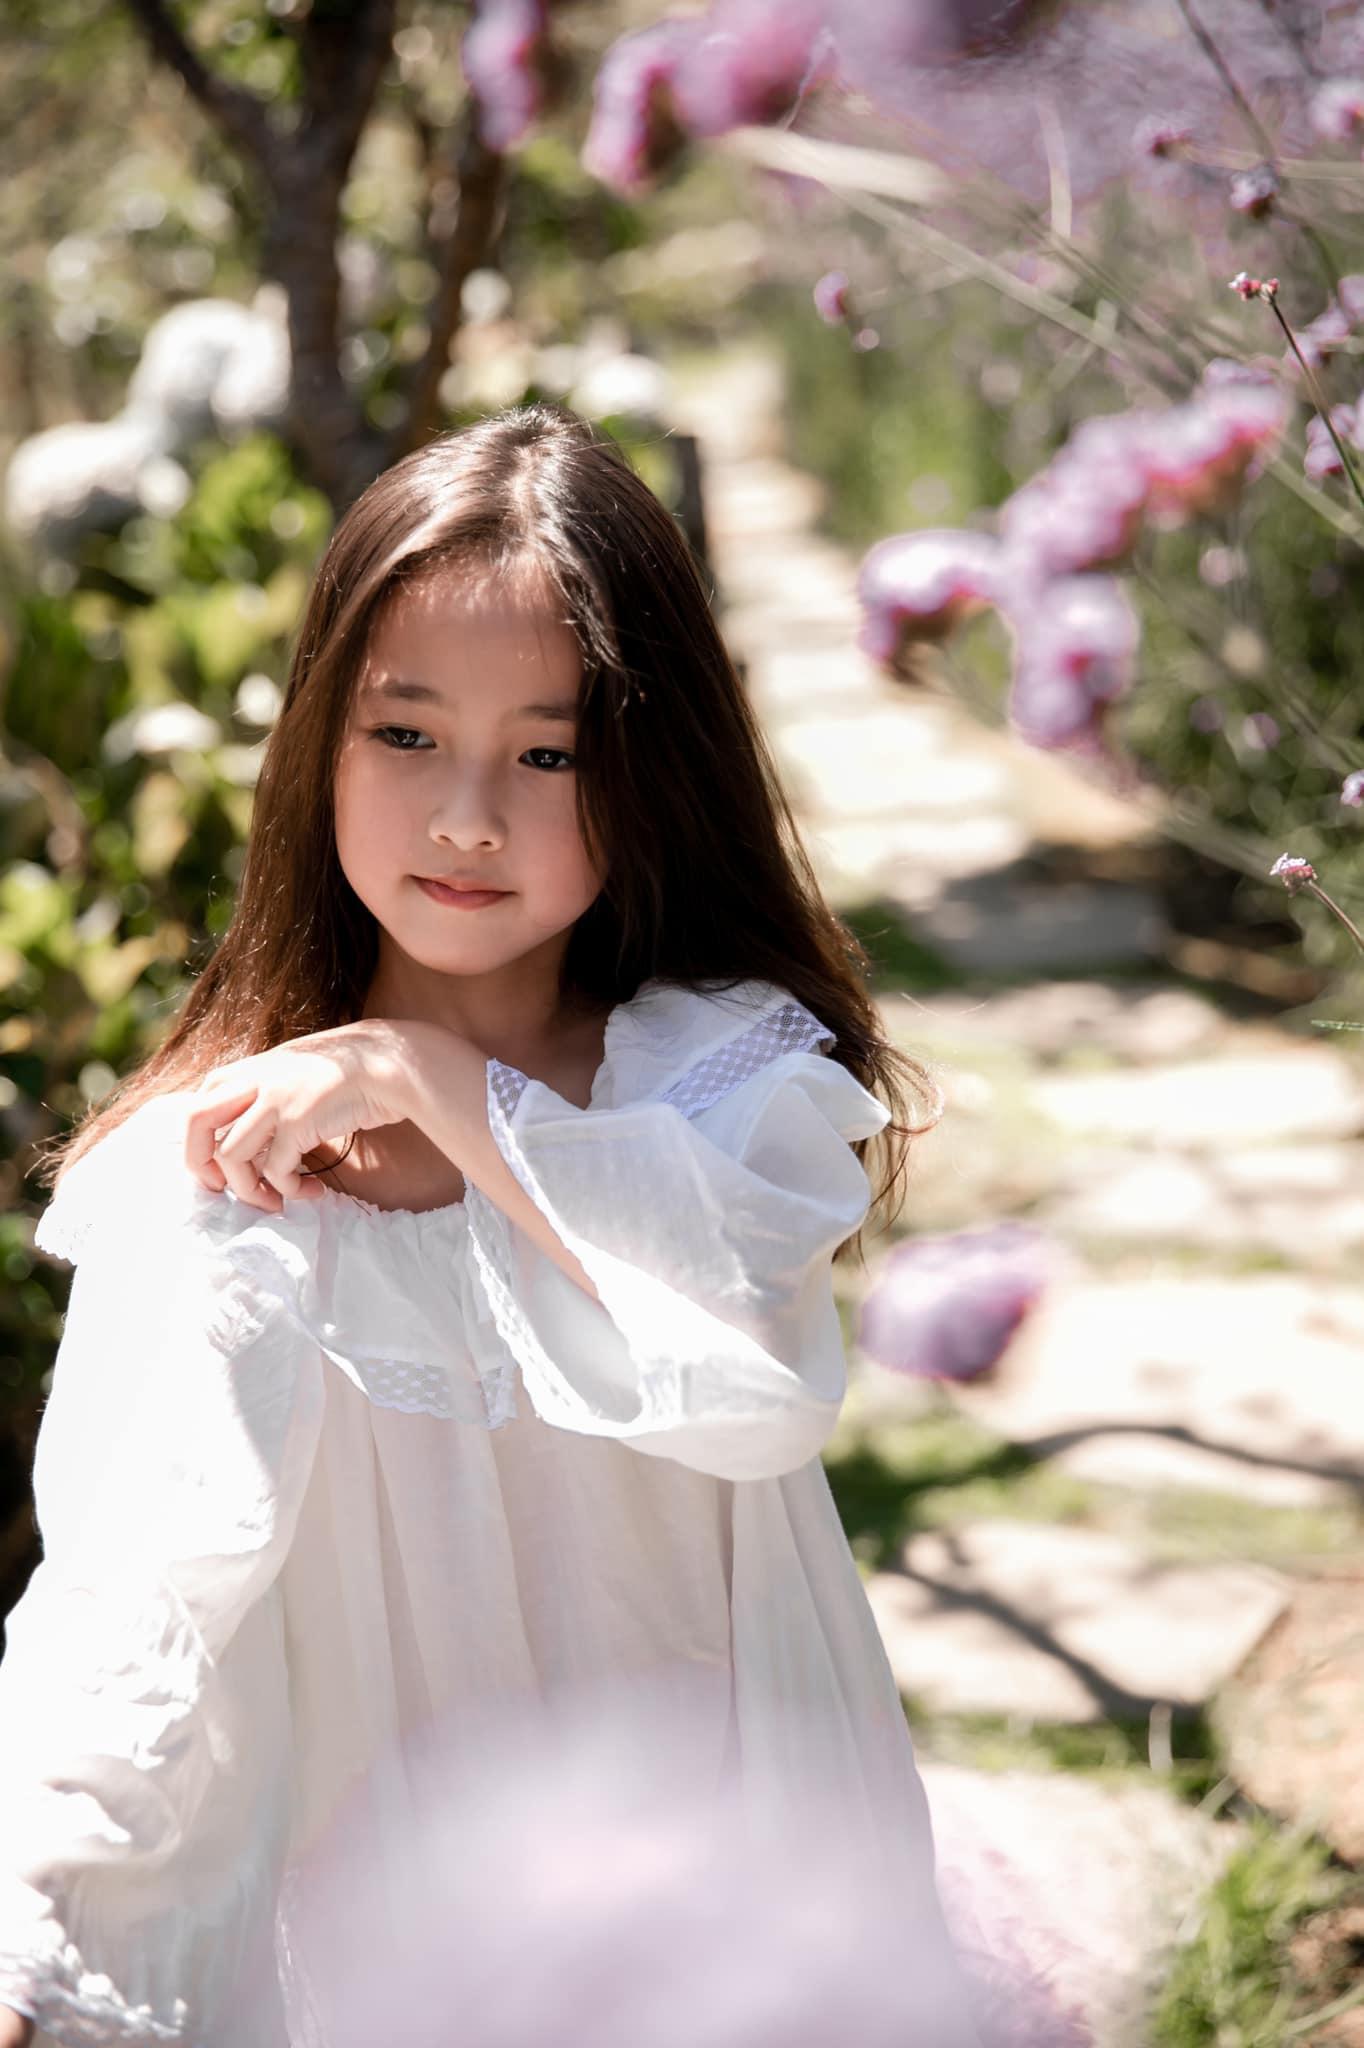 """Con gái của Hà Kiều Anh xinh chuẩn """"đại mỹ nhân tương lai"""" khiến Mai Phương Thúy ngưỡng mộ - Ảnh 1."""